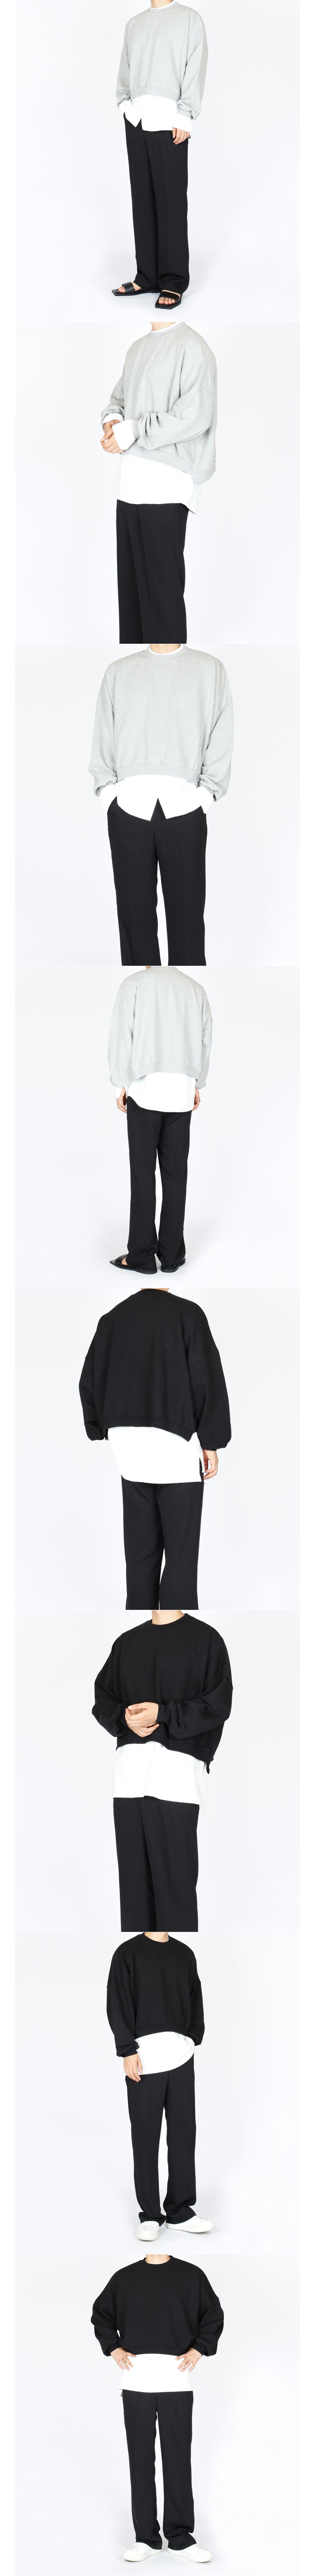 크롭 맨투맨 티셔츠 (3 colors) - 센티멘탈워크, 30,000원, 상의, 맨투맨/후드티